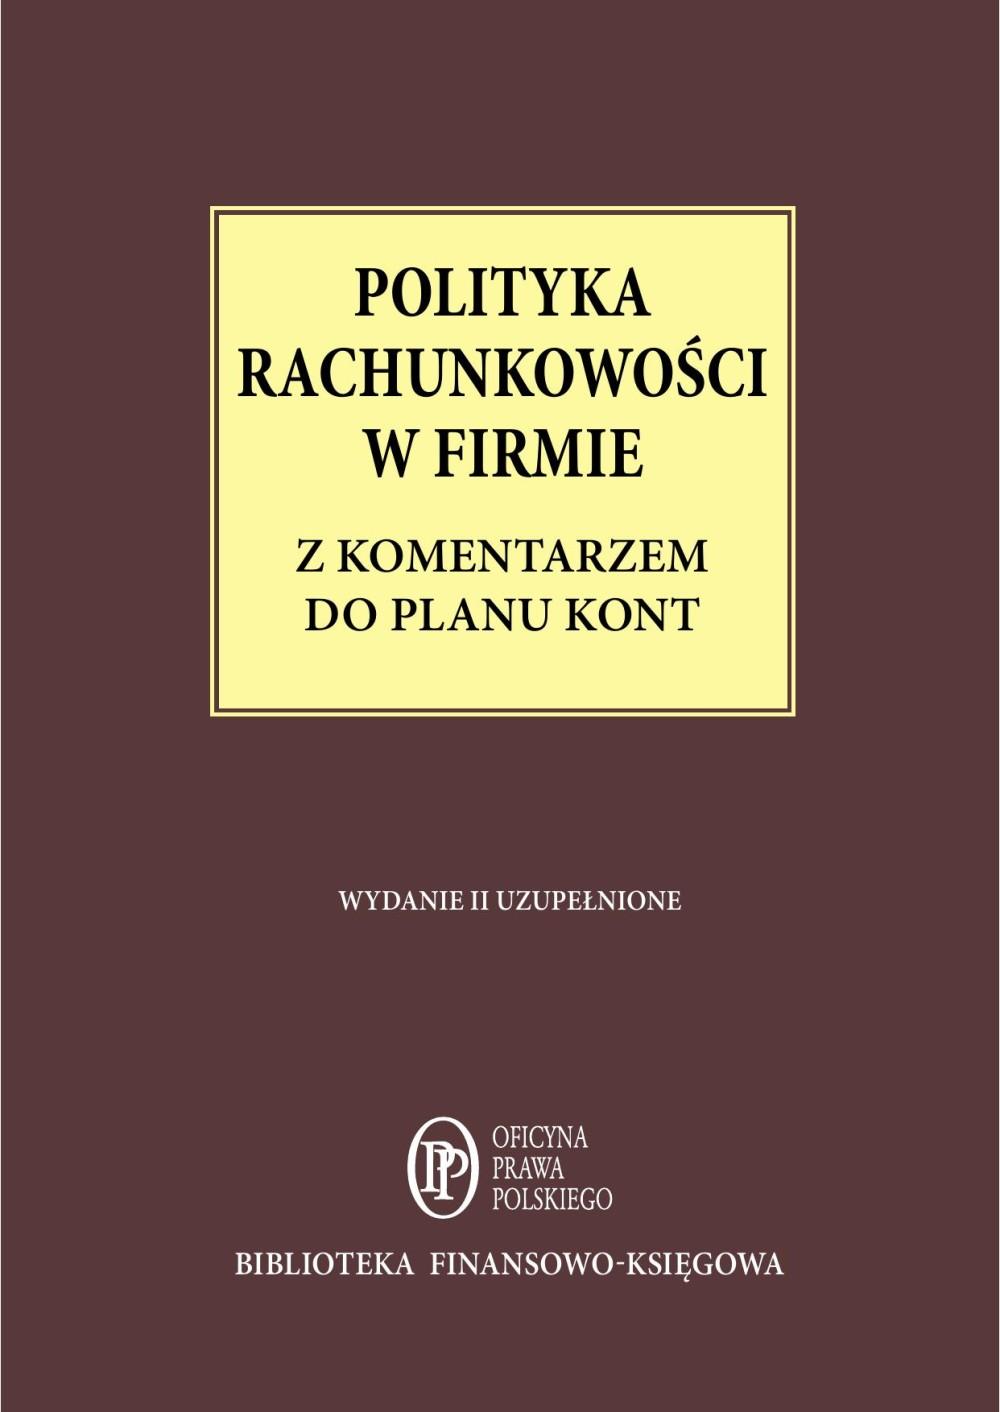 Polityka Rachunkowości w firmie z komentarzem do planu kont - stan prawny: 1 maja 2014 r. ebook